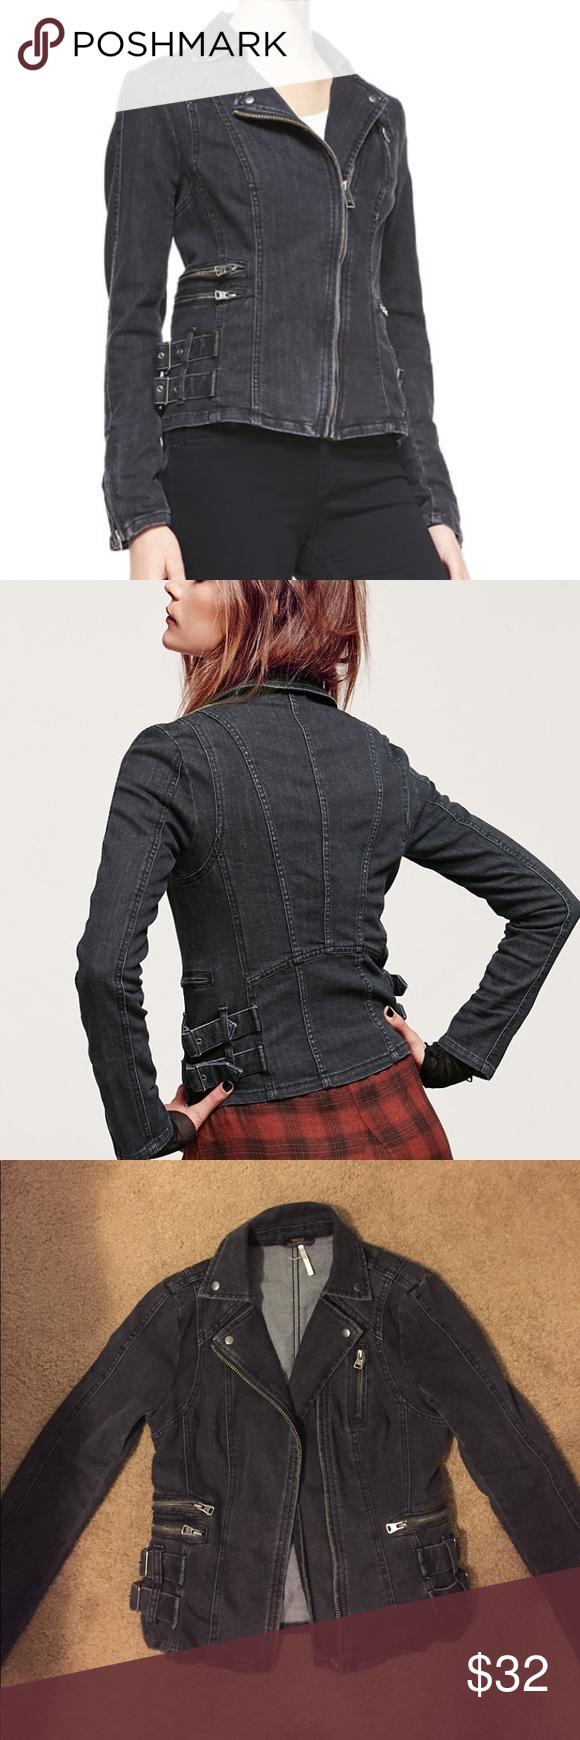 Free People denim jacket Denim buckle-detailed zip jacket Free People Jackets & Coats Jean Jackets